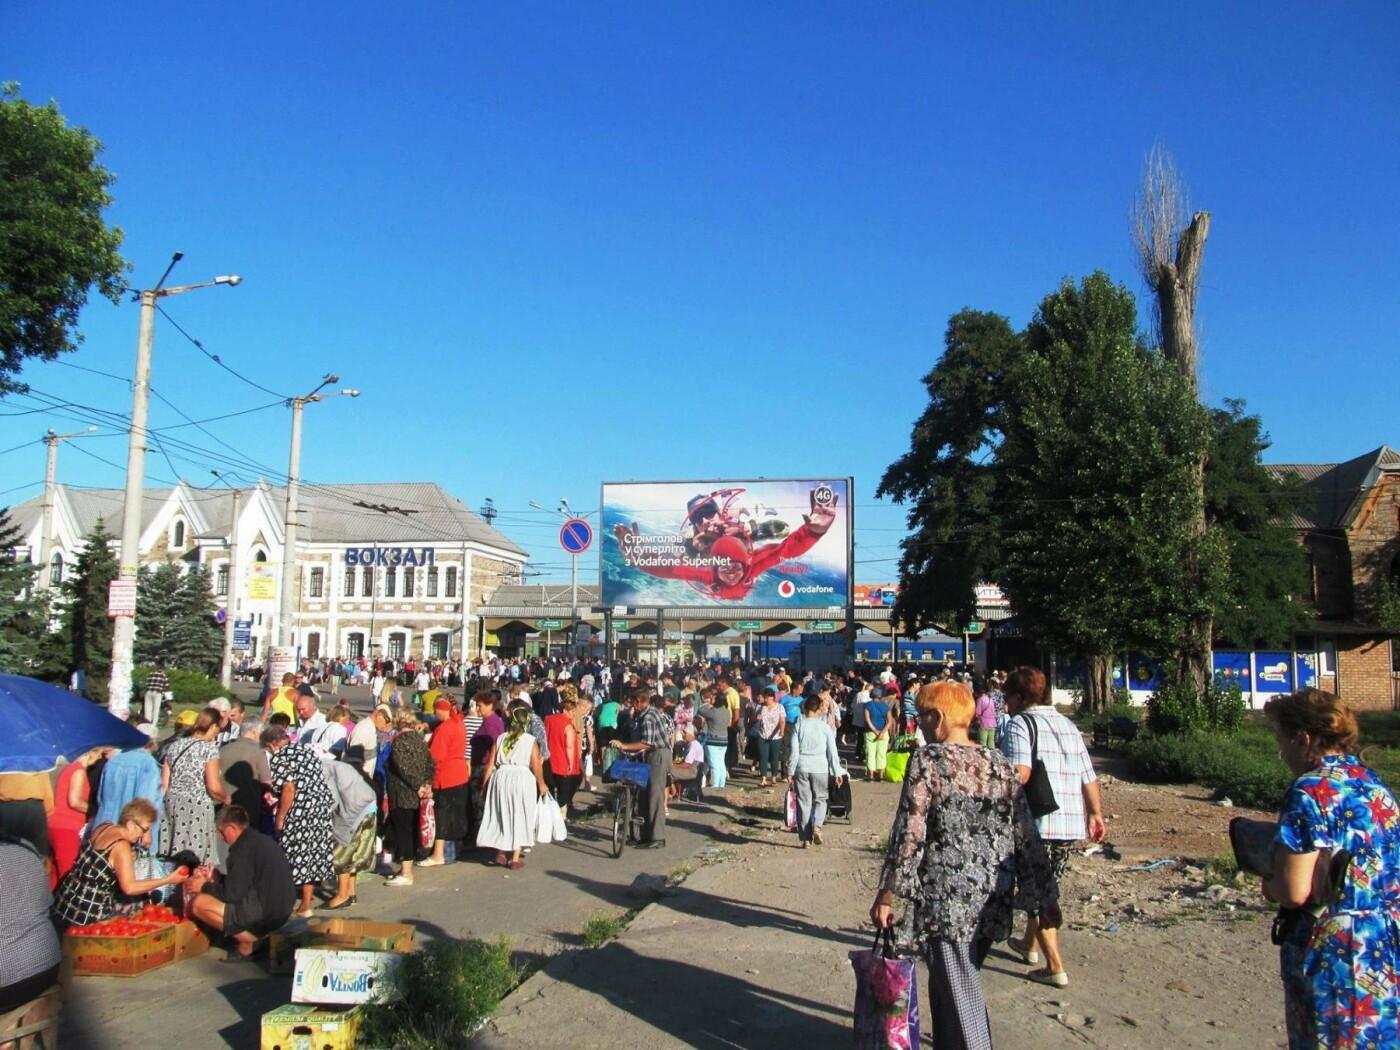 Базар-вокзал в Кривом Роге: Горожане предложили упорядочить стихийный рынок на Долгинцево, - ФОТО, фото-8